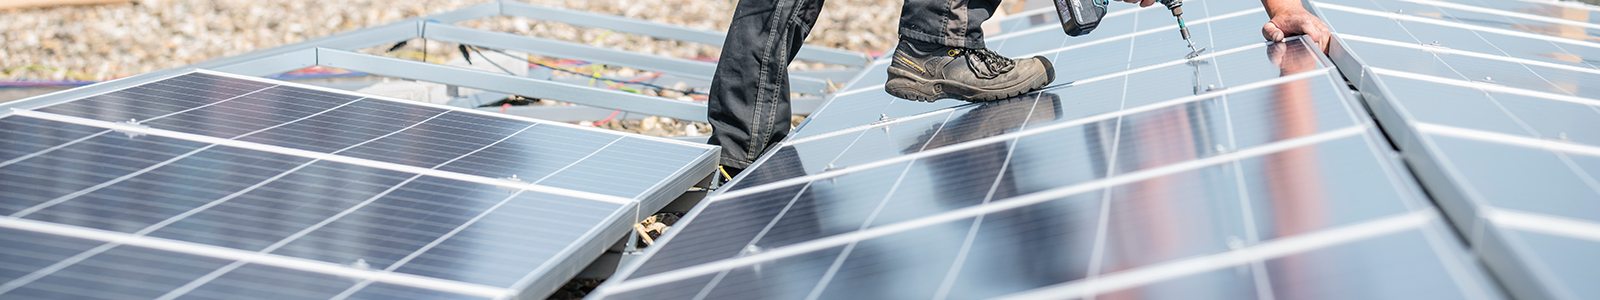 De installatie van zonnepanelen op het dak van een gebouw van de Universiteit Utrecht.